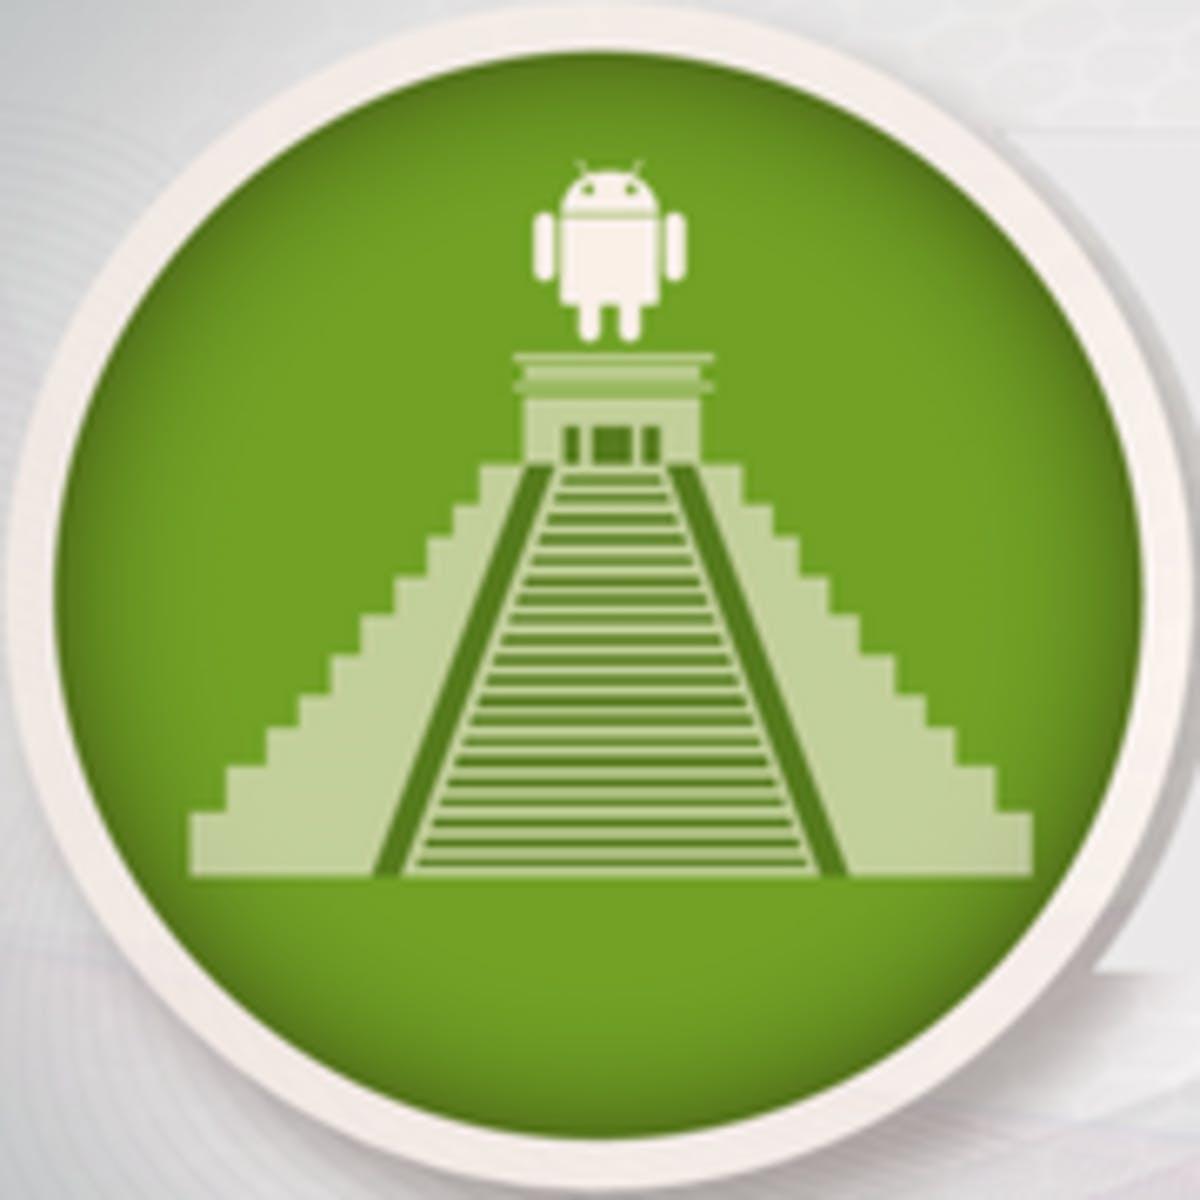 Desarrollo de aplicaciones con Android